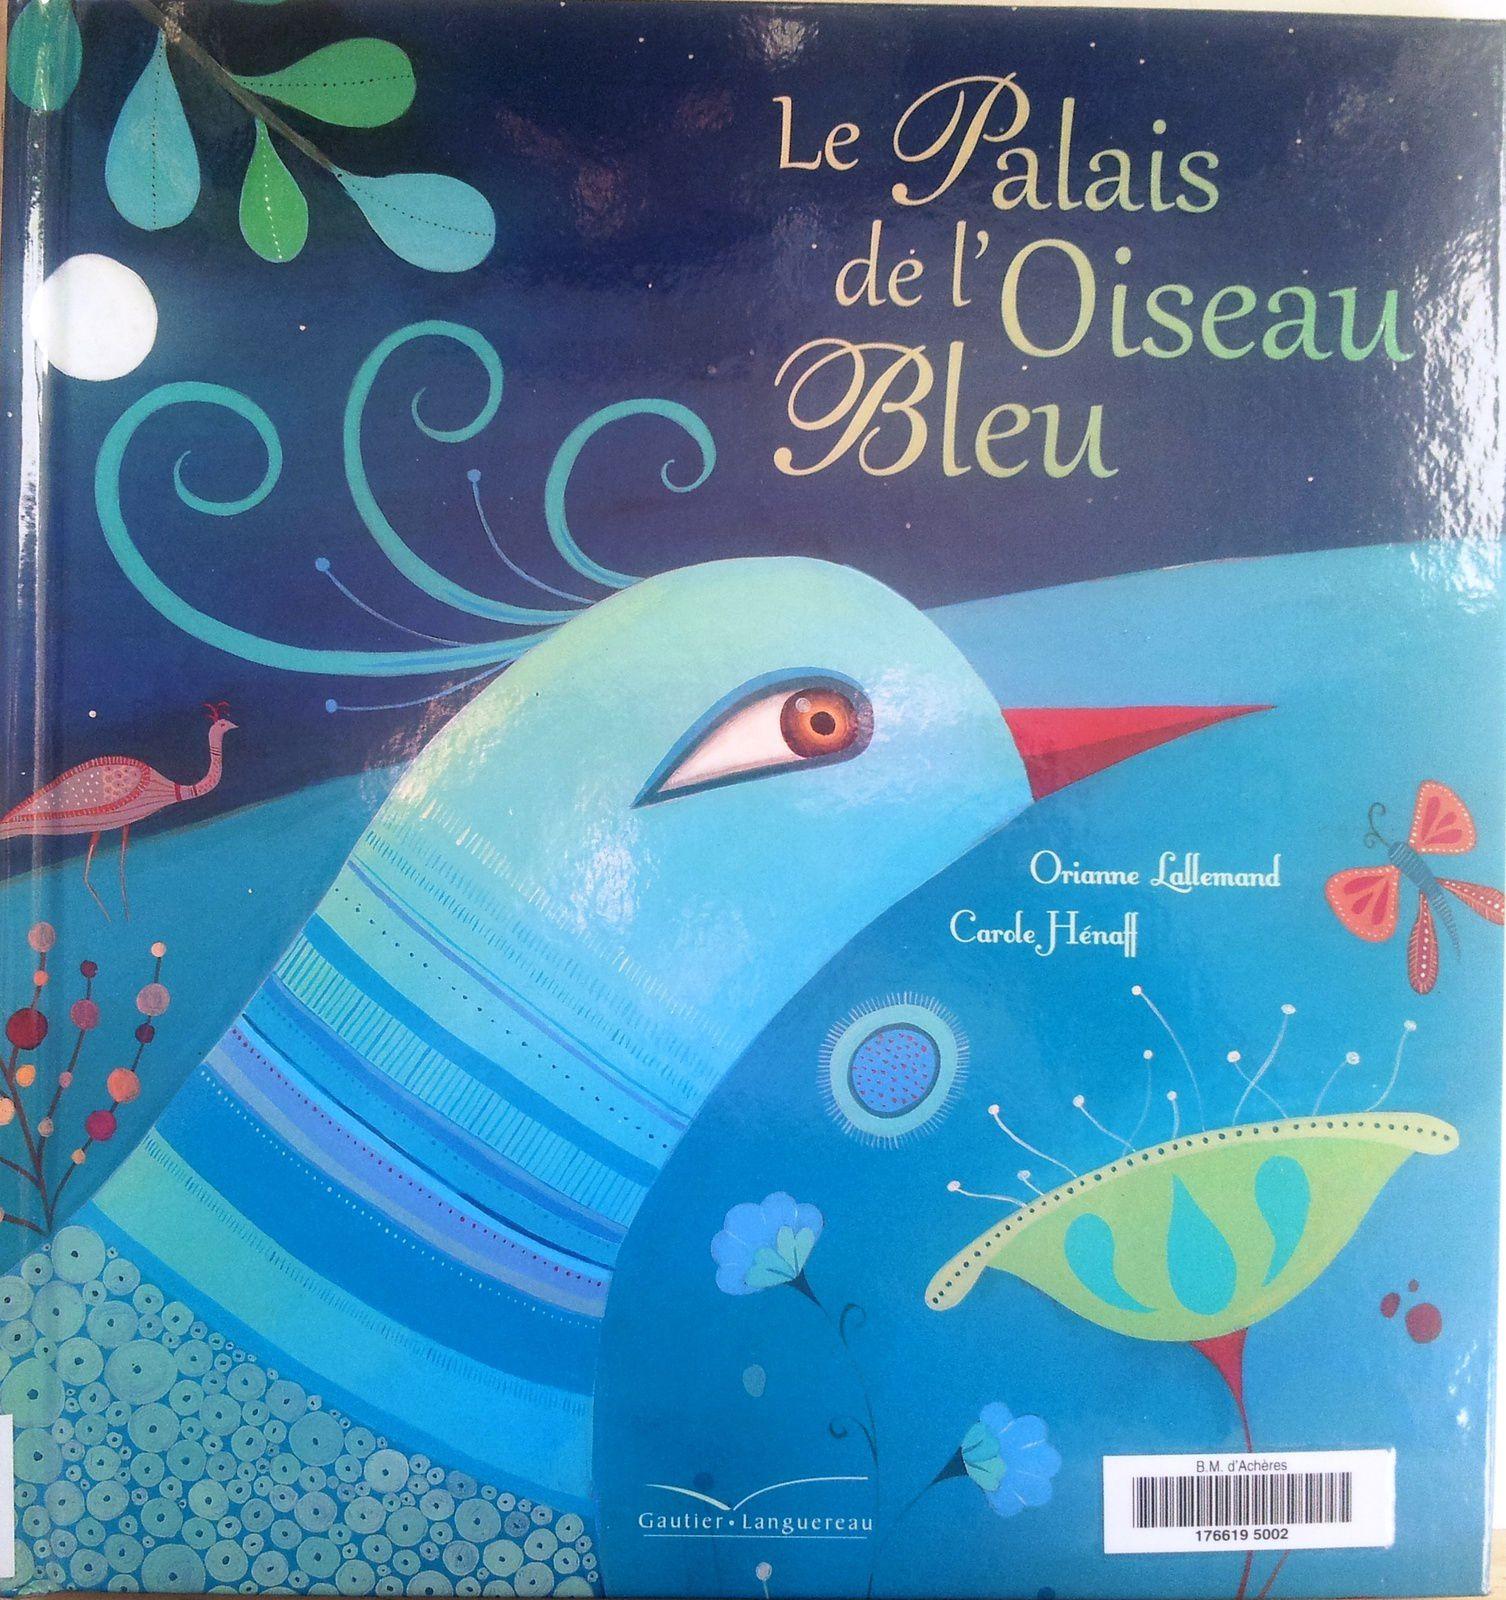 Le Palais de l'Oiseau Bleu. Orianne LALLEMAND et Carole HENAFF - 2011 (Dès 5 ans)